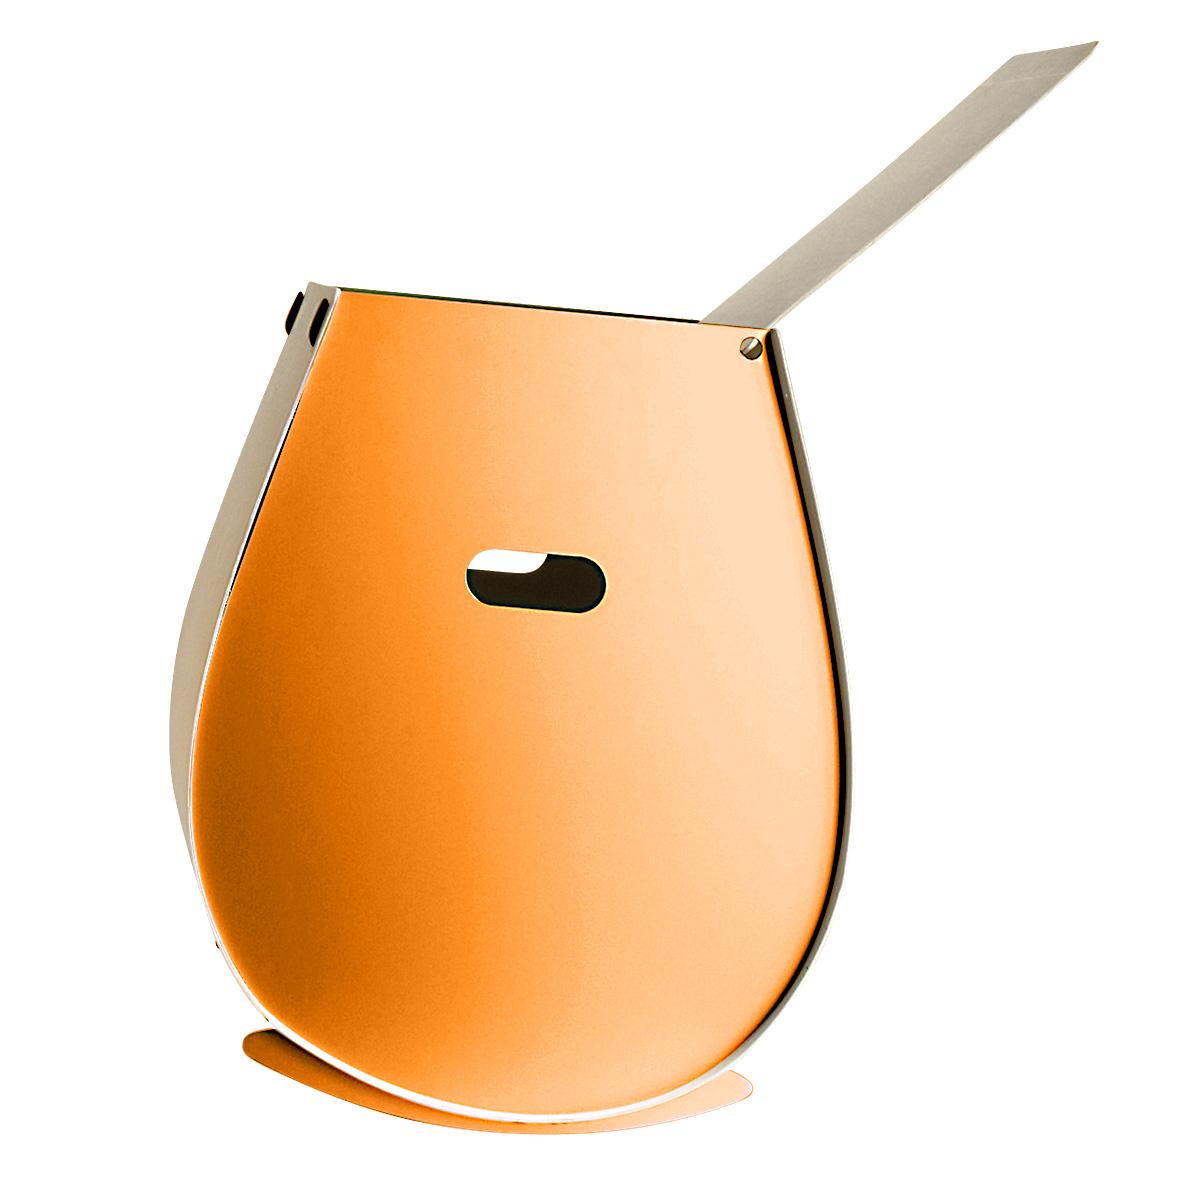 Wäschekorb Ovetto orange von Lehni